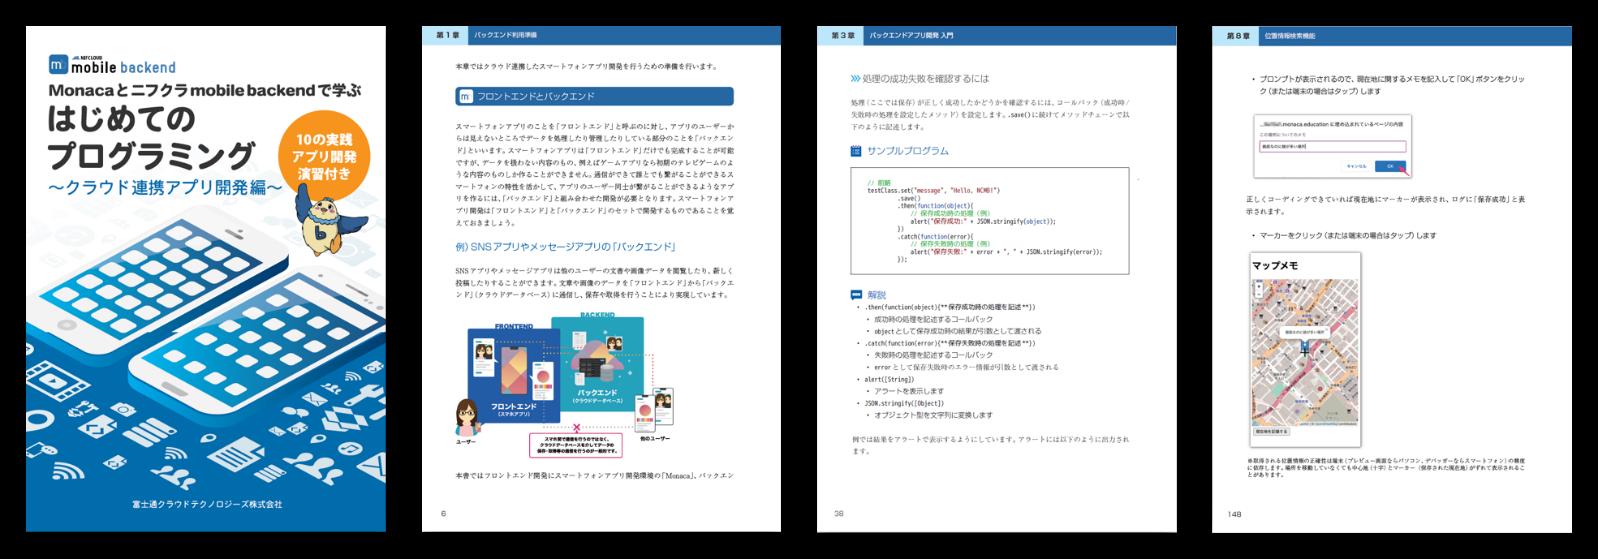 <「Monacaとニフクラ mobile backend で学ぶはじめてのプログラミング~クラウド連携アプリ開発編~」より抜粋>